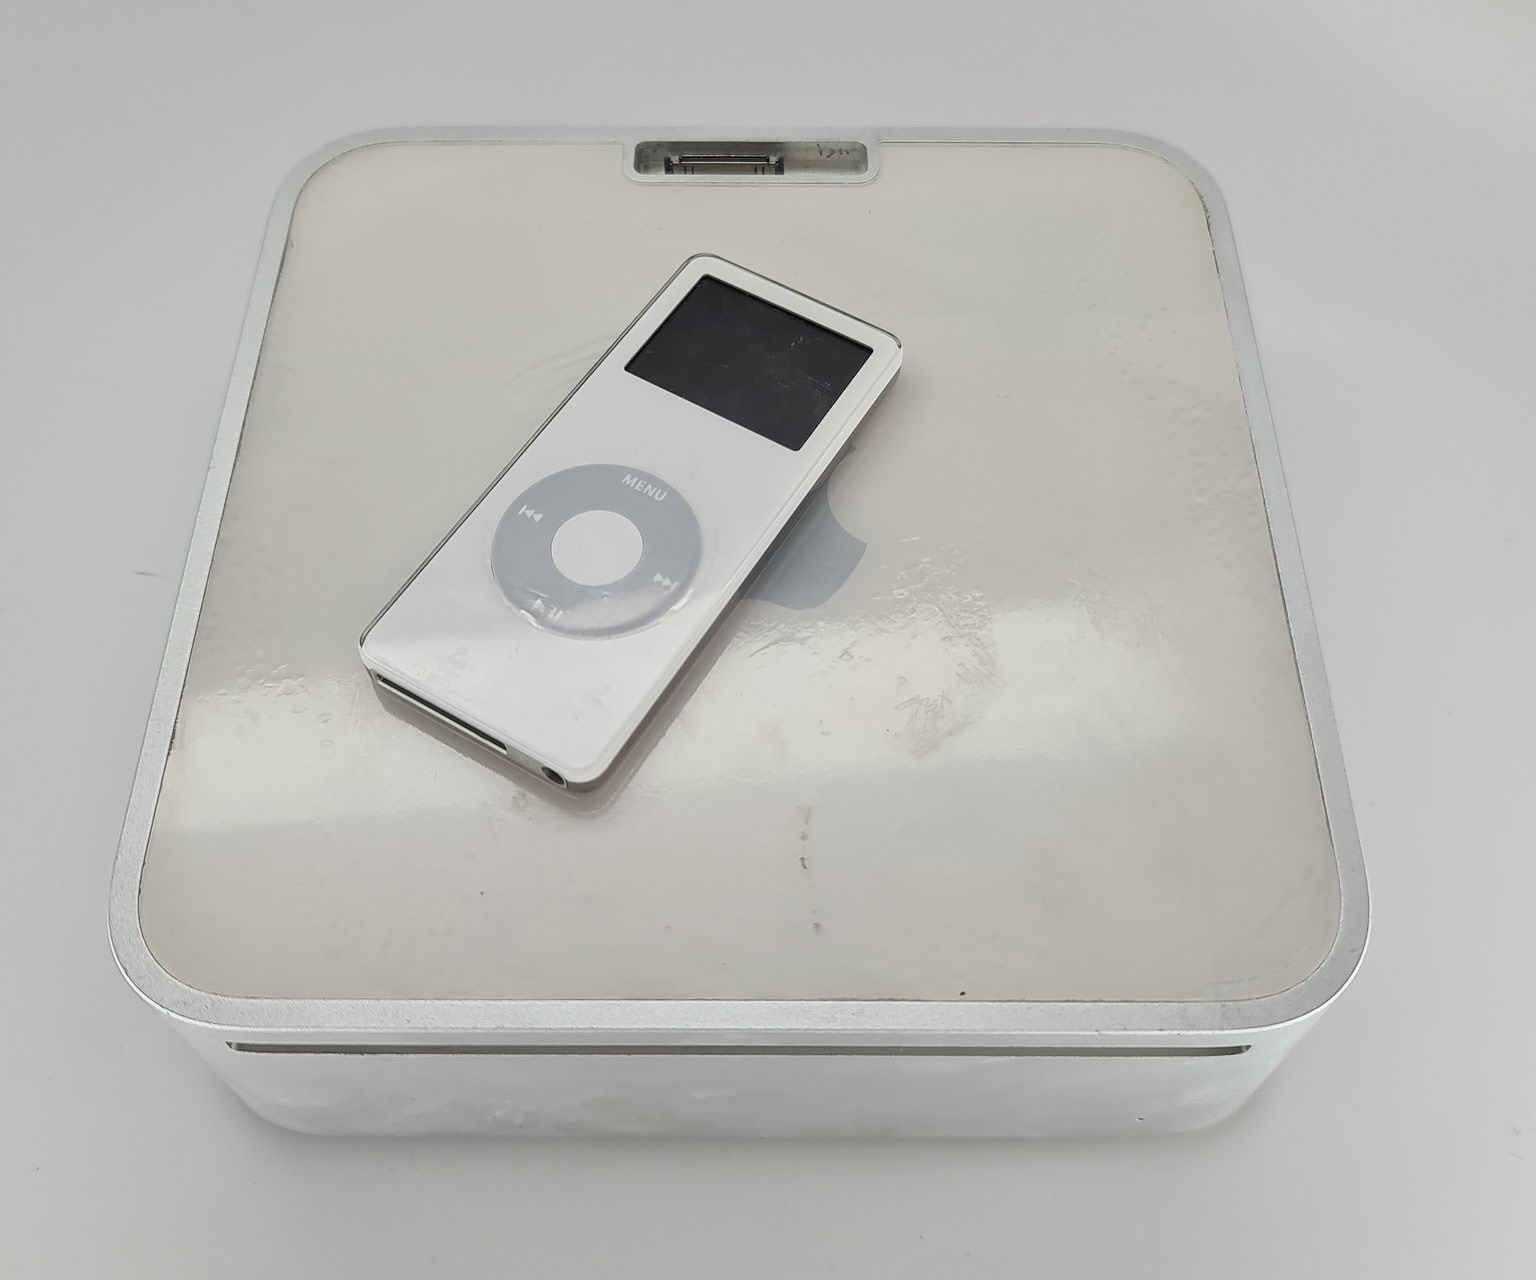 Mac mini prototype met iPod en dock.